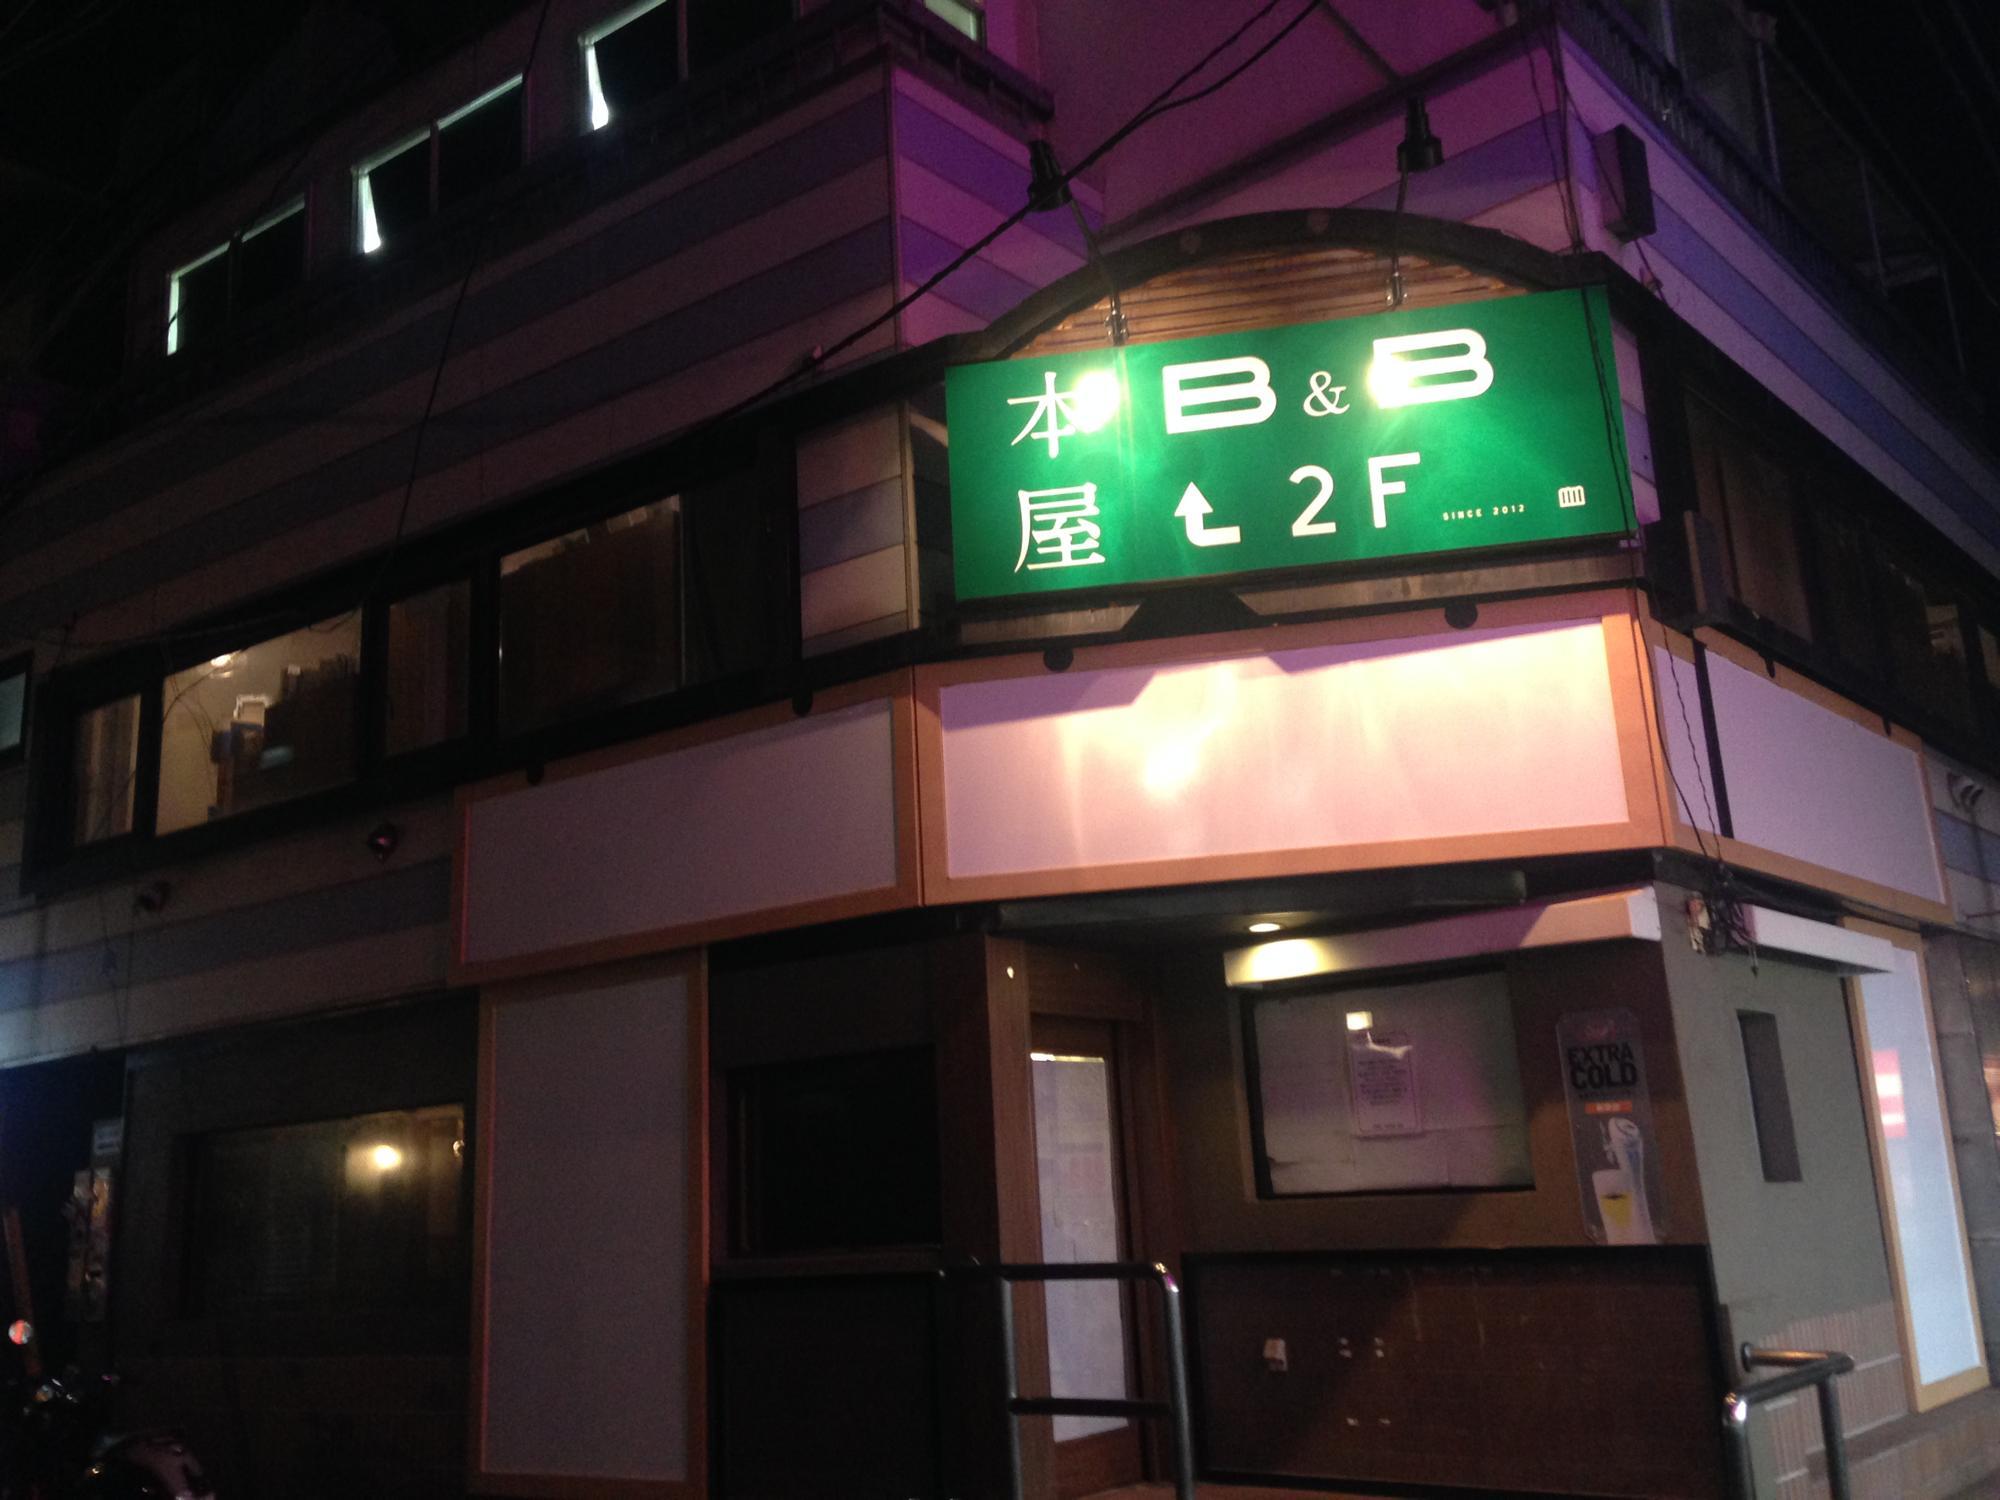 B&B 下北沢 本屋